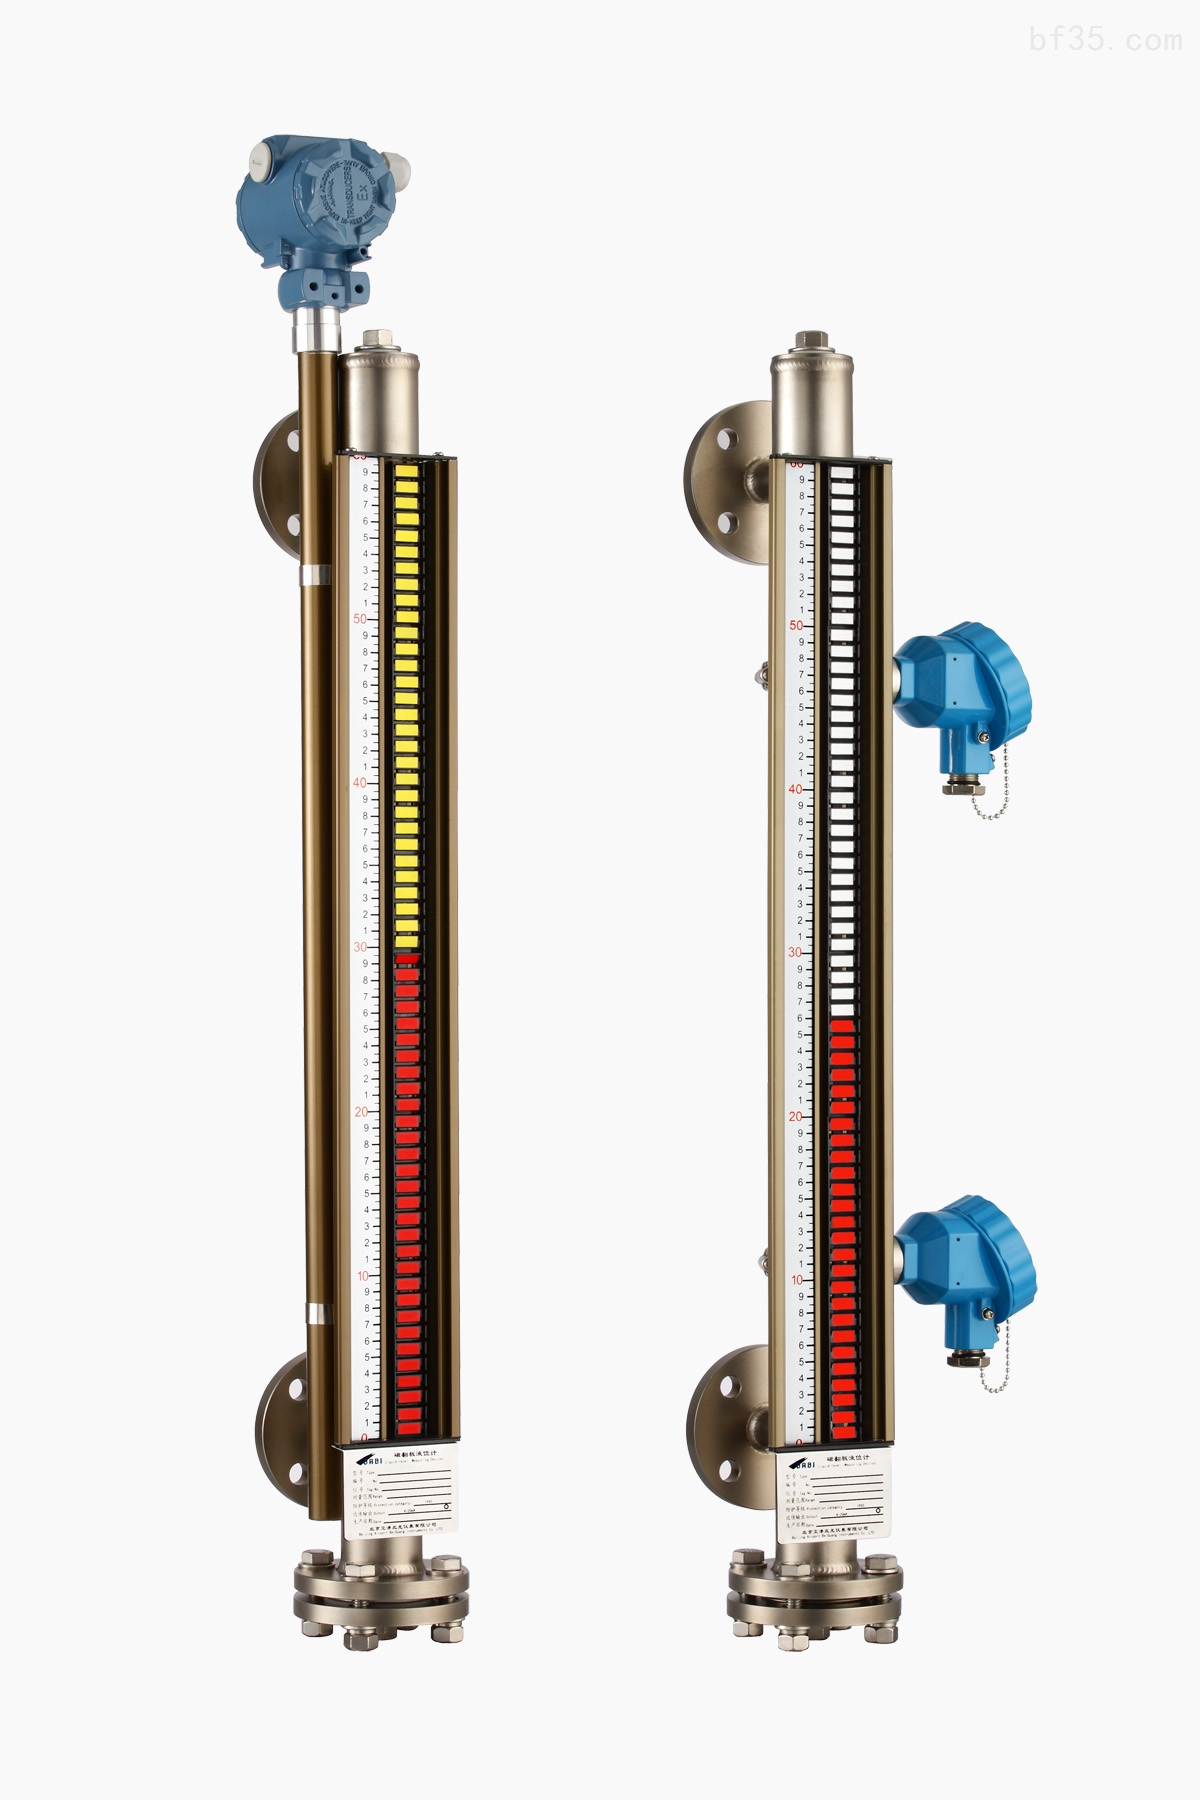 TOP-UHZD顶装式磁翻板液位计,它的结构主要基于浮力和磁力原理设计生产的。带有磁体的浮子(简称磁性浮子)在被测介质中的位置受浮力作用影响。液位的变化导致磁性浮子位置的变化、磁性浮子和磁翻柱(也成为磁翻板)的静磁力耦合作用导致磁翻柱翻转一定角度(磁翻柱表面涂敷不同的颜色),进而反映容器内液位的情况。